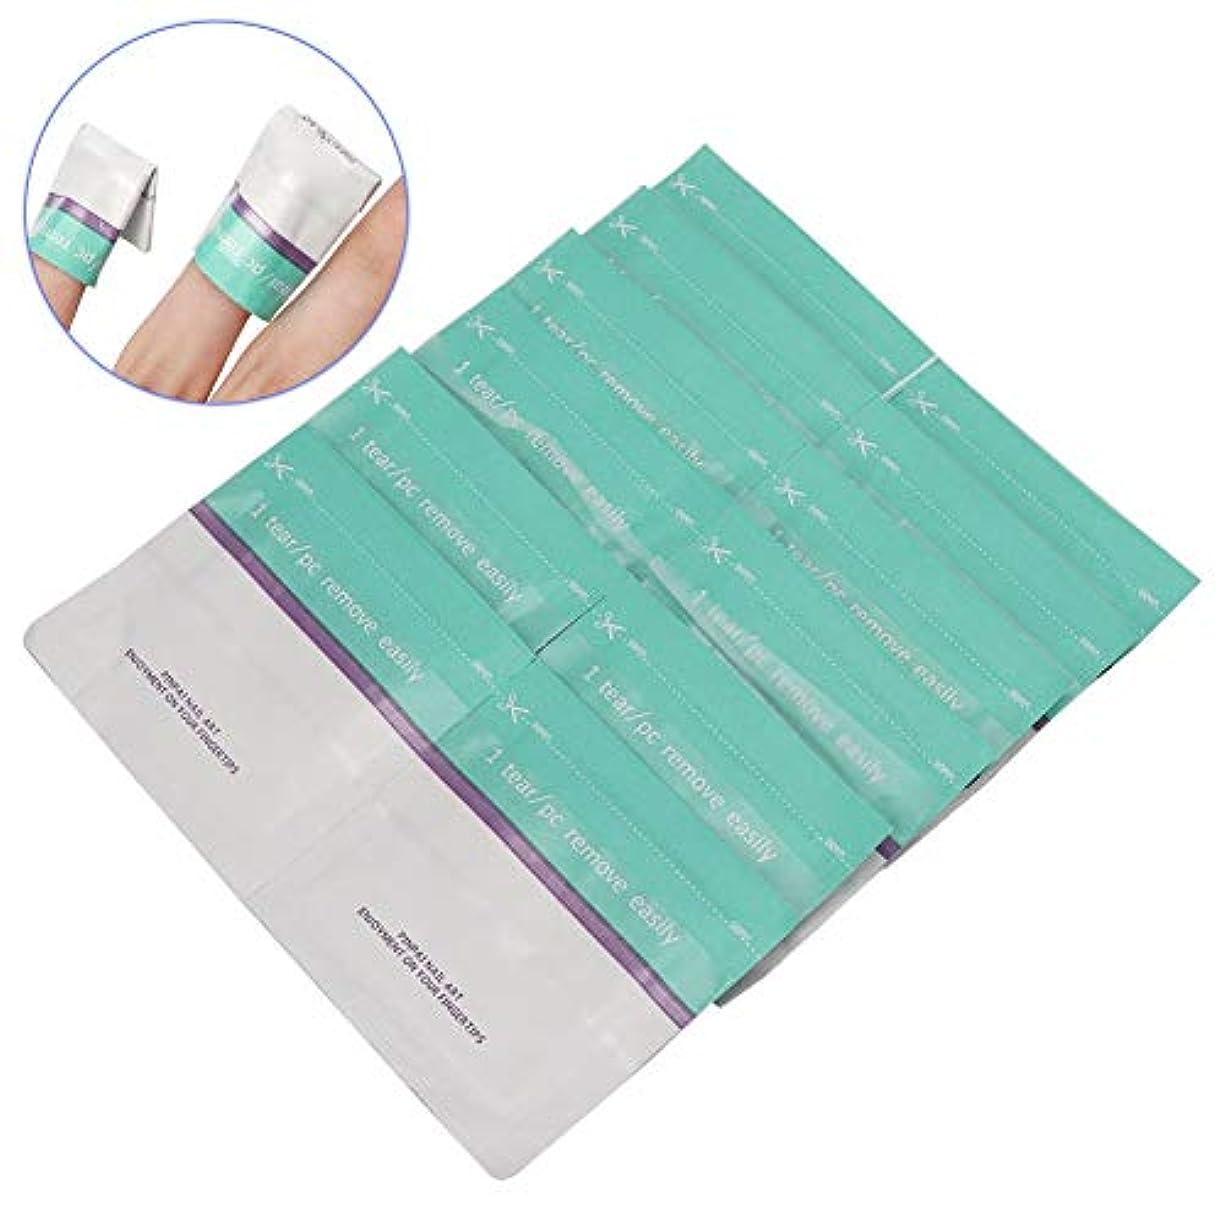 適用済み常習的悪夢Yuyte 200ピース使い捨てネイルポリッシュリムーバー錫箔ラップuvジェルリムーバーコットンパッドマニキュアツール